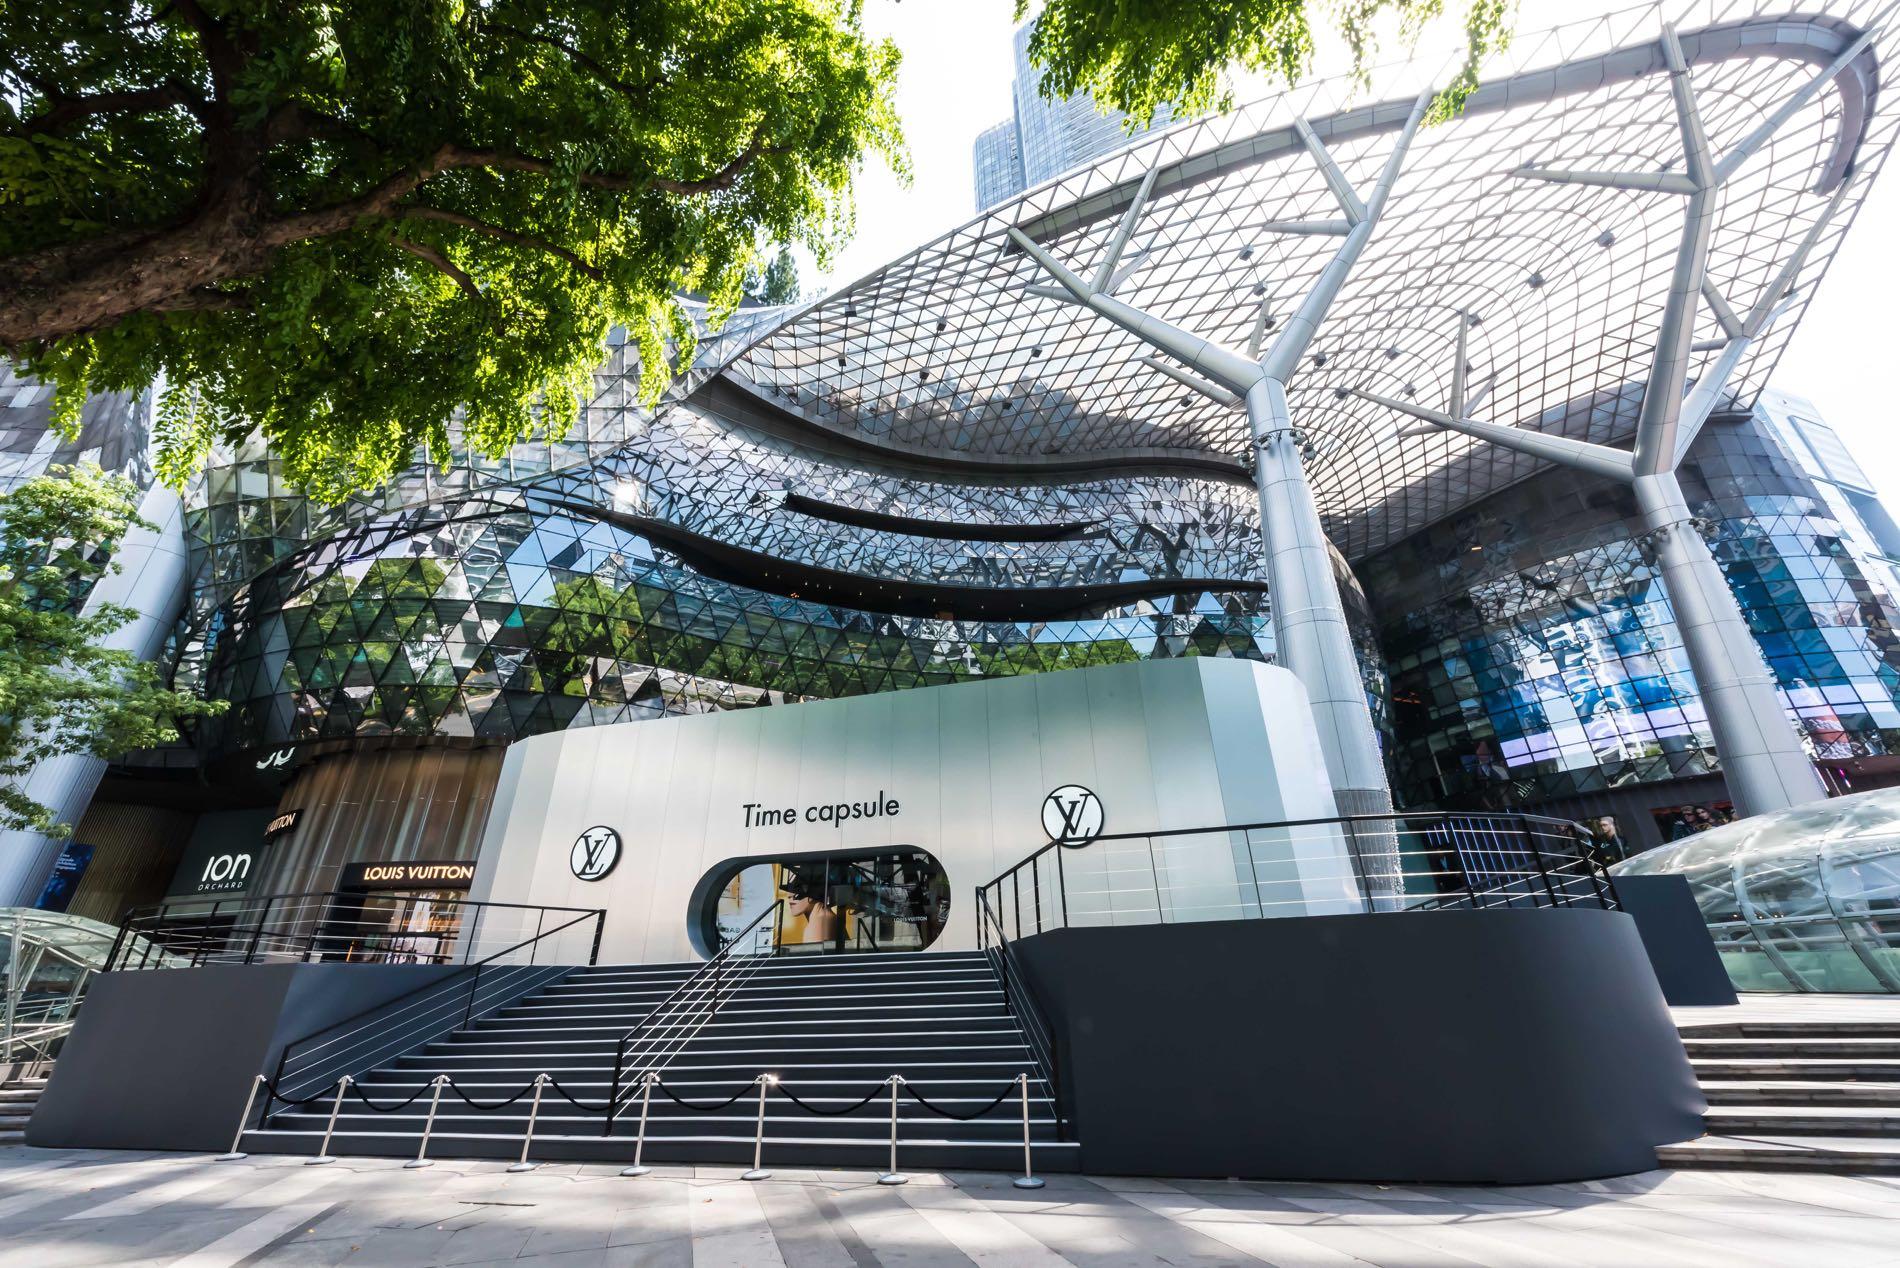 e08a23bd0bd Louis Vuitton Time Capsule Exhibition in Singapore #LVTimecapsule ...